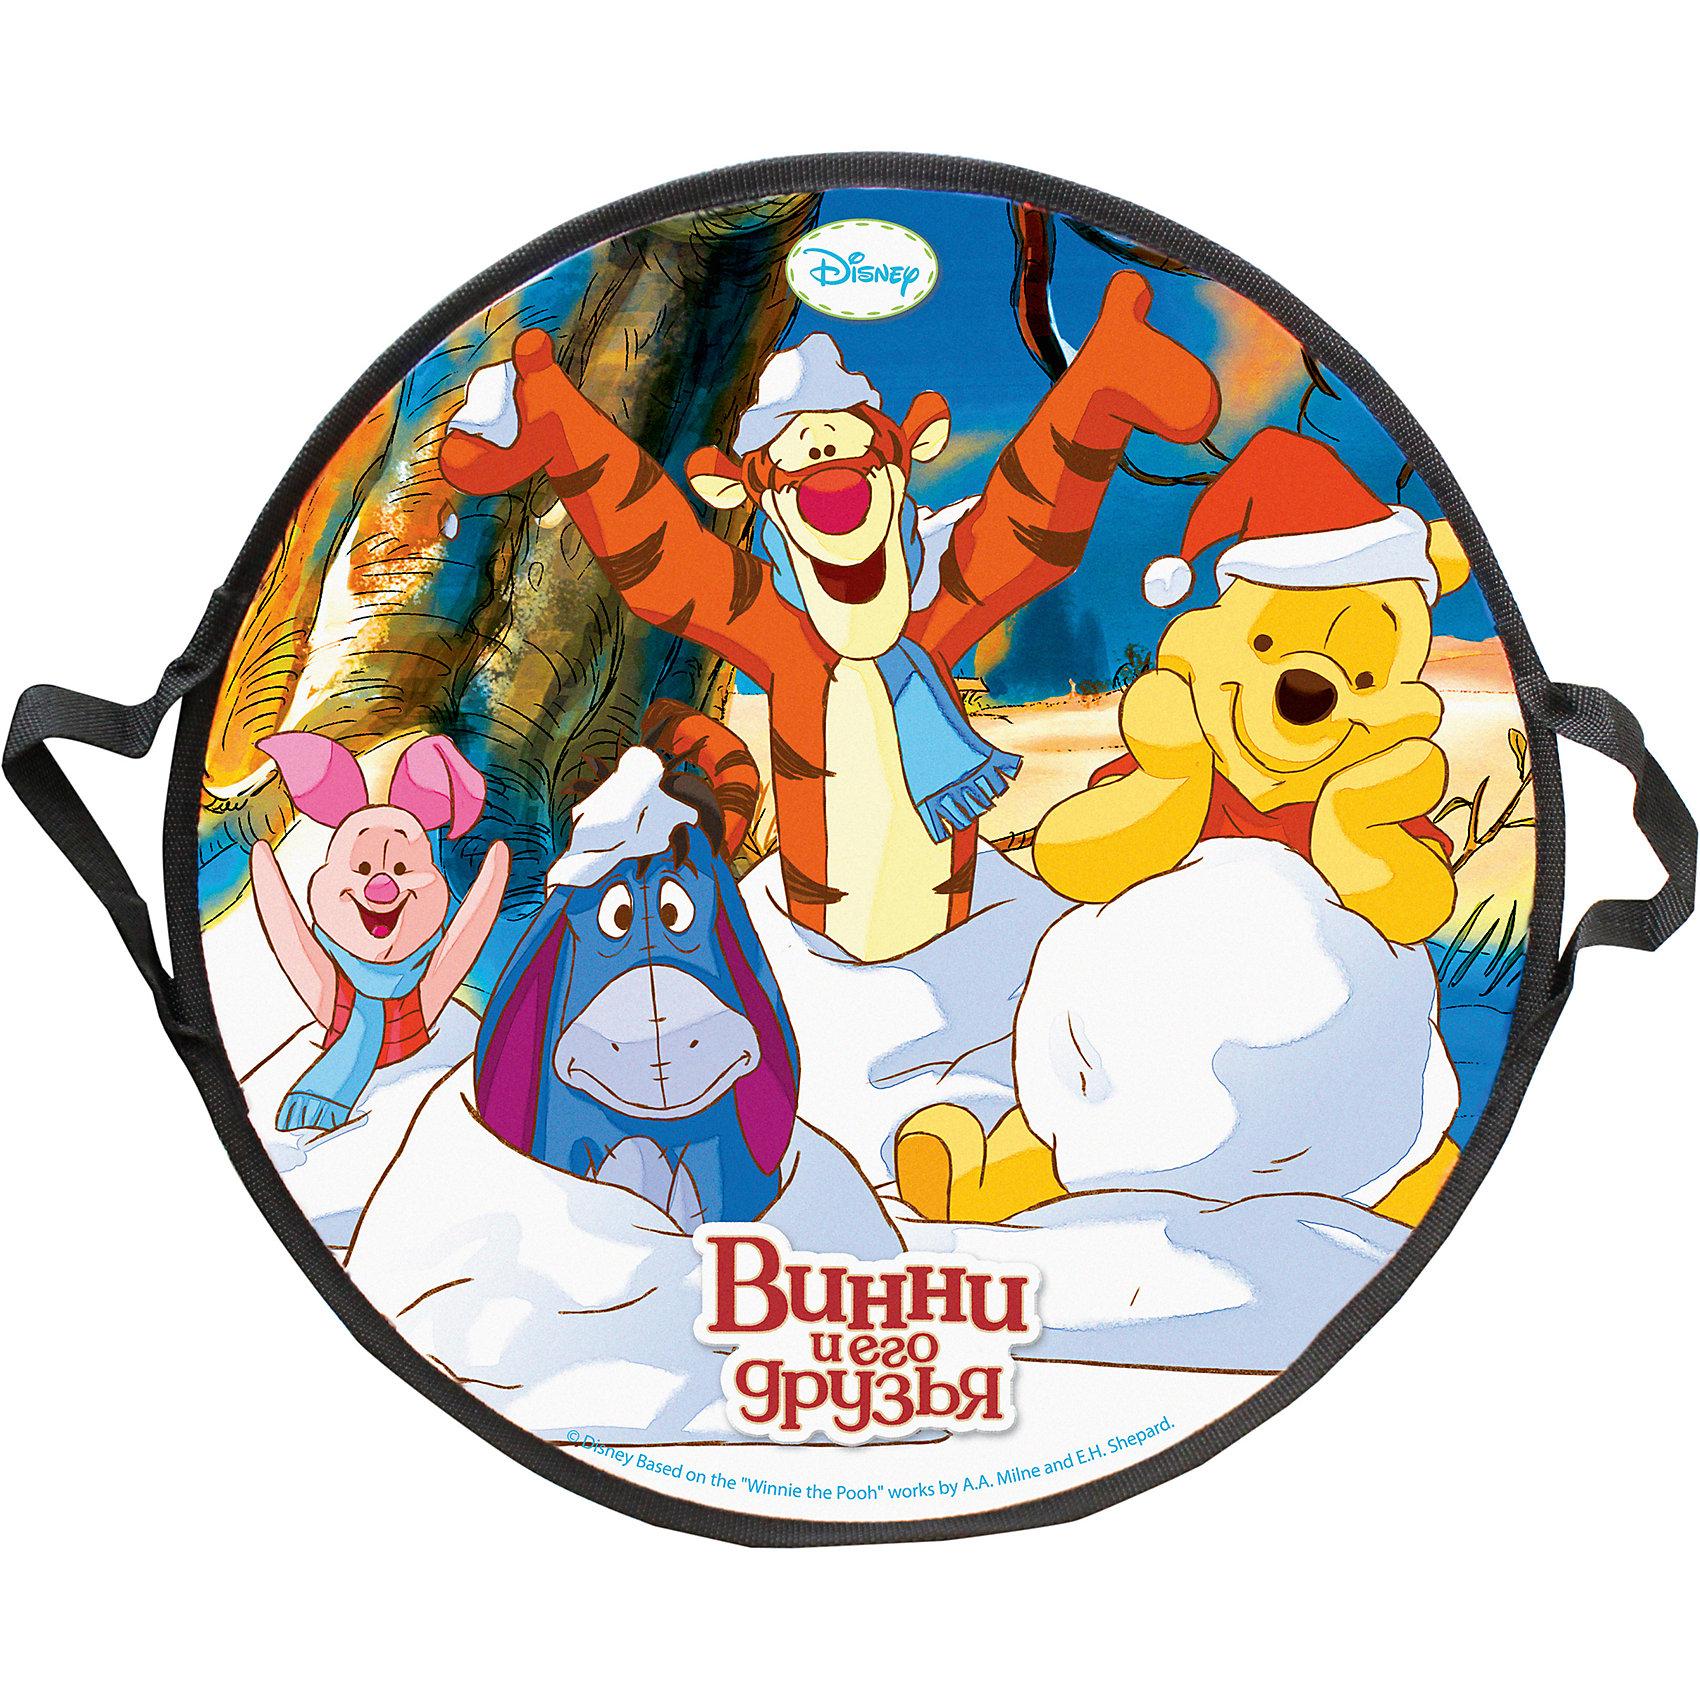 Ледянка Винни-Пух, 52 см, круглая, DisneyЛедянки<br>Ледянка Винни-Пух, 52 см, круглая, Disney.<br><br>Характеристики:<br><br>• изготовлена из прочных материалов<br>• имеет удобные ручки<br>• яркий дизайн<br>• материал: ПВХ, вспененный полиэтилен<br>• размер: 52х52х3 см<br>• вес: 275 грамм<br><br>Ледянка Винни-Пух, Disney отлично подойдет для спуска с горки. Она изготовлена из прочных материалов, имеет удобные ручки для безопасности и удобства. Яркий дизайн с любимыми героями мультфильма Винни-Пух никого не оставит равнодушным!<br><br>Ледянку Винни-Пух, 52 см, круглая, Disney можно купить в нашем интернет-магазине.<br><br>Ширина мм: 520<br>Глубина мм: 10<br>Высота мм: 520<br>Вес г: 300<br>Возраст от месяцев: 36<br>Возраст до месяцев: 192<br>Пол: Унисекс<br>Возраст: Детский<br>SKU: 5032794